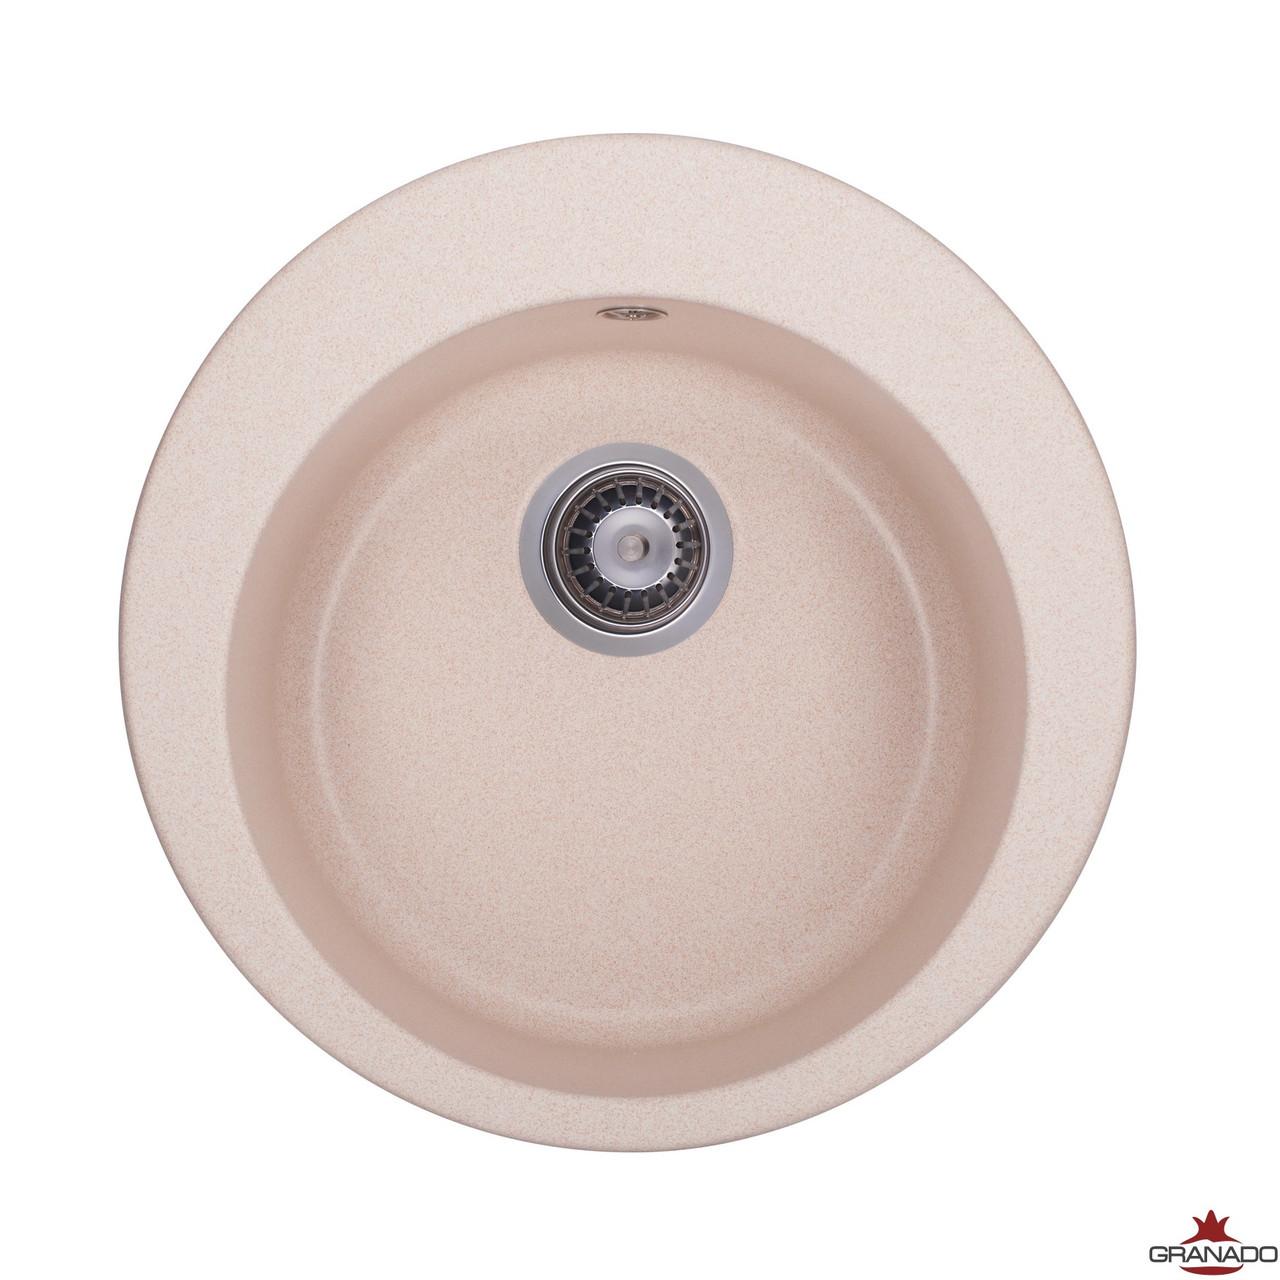 Кухонная мойка из гранита круглой формы от производителя Granado Vitoria цвет - Avena